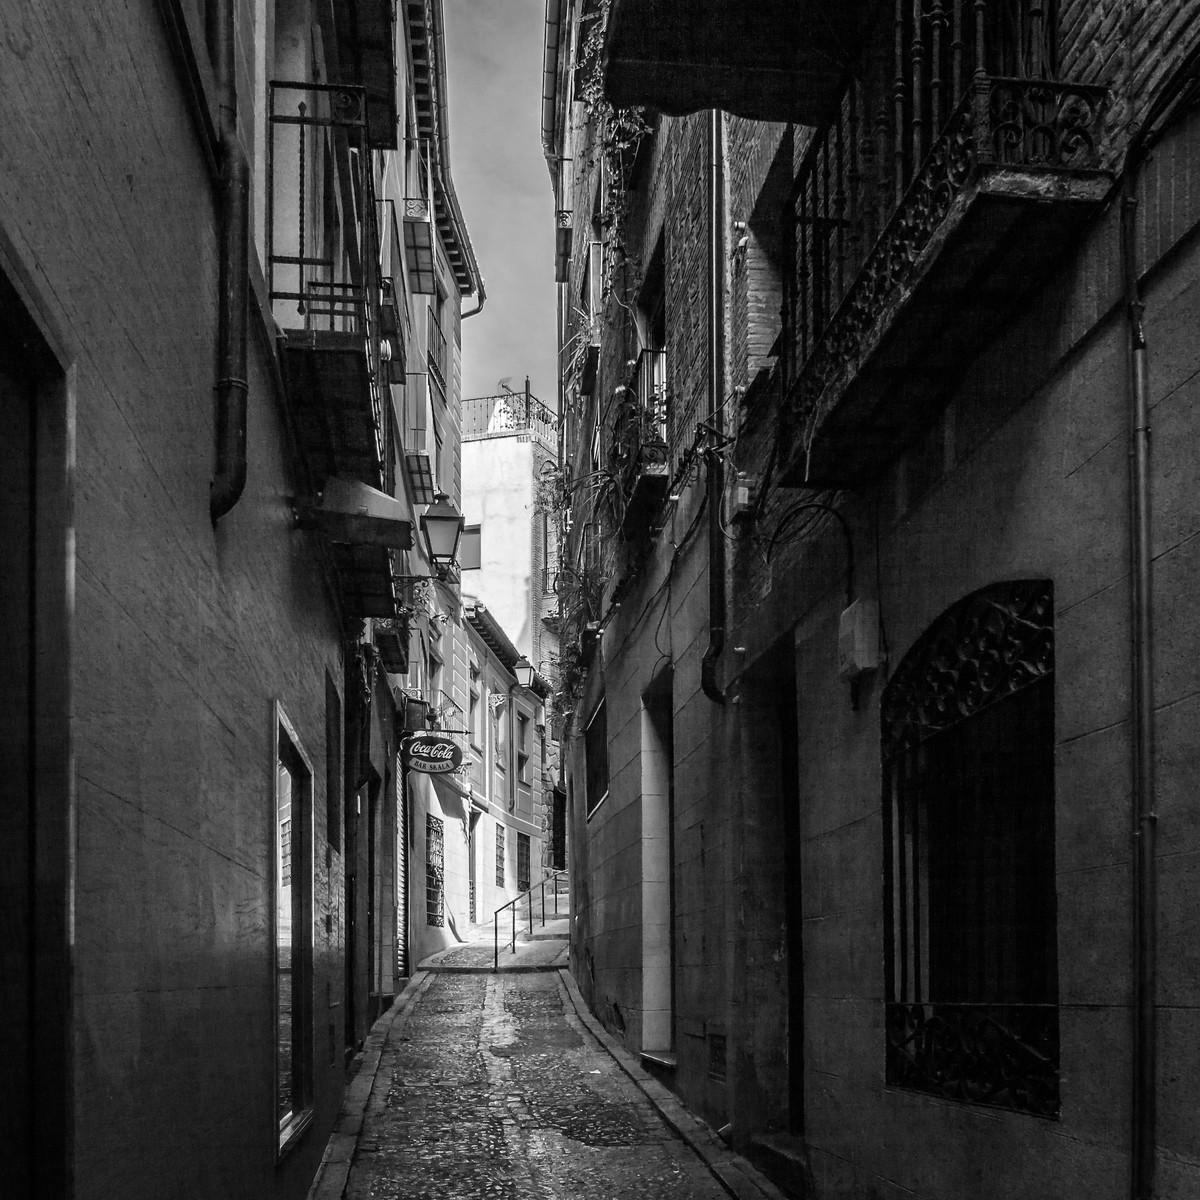 西班牙小镇,那些幽静的小石路_图1-8